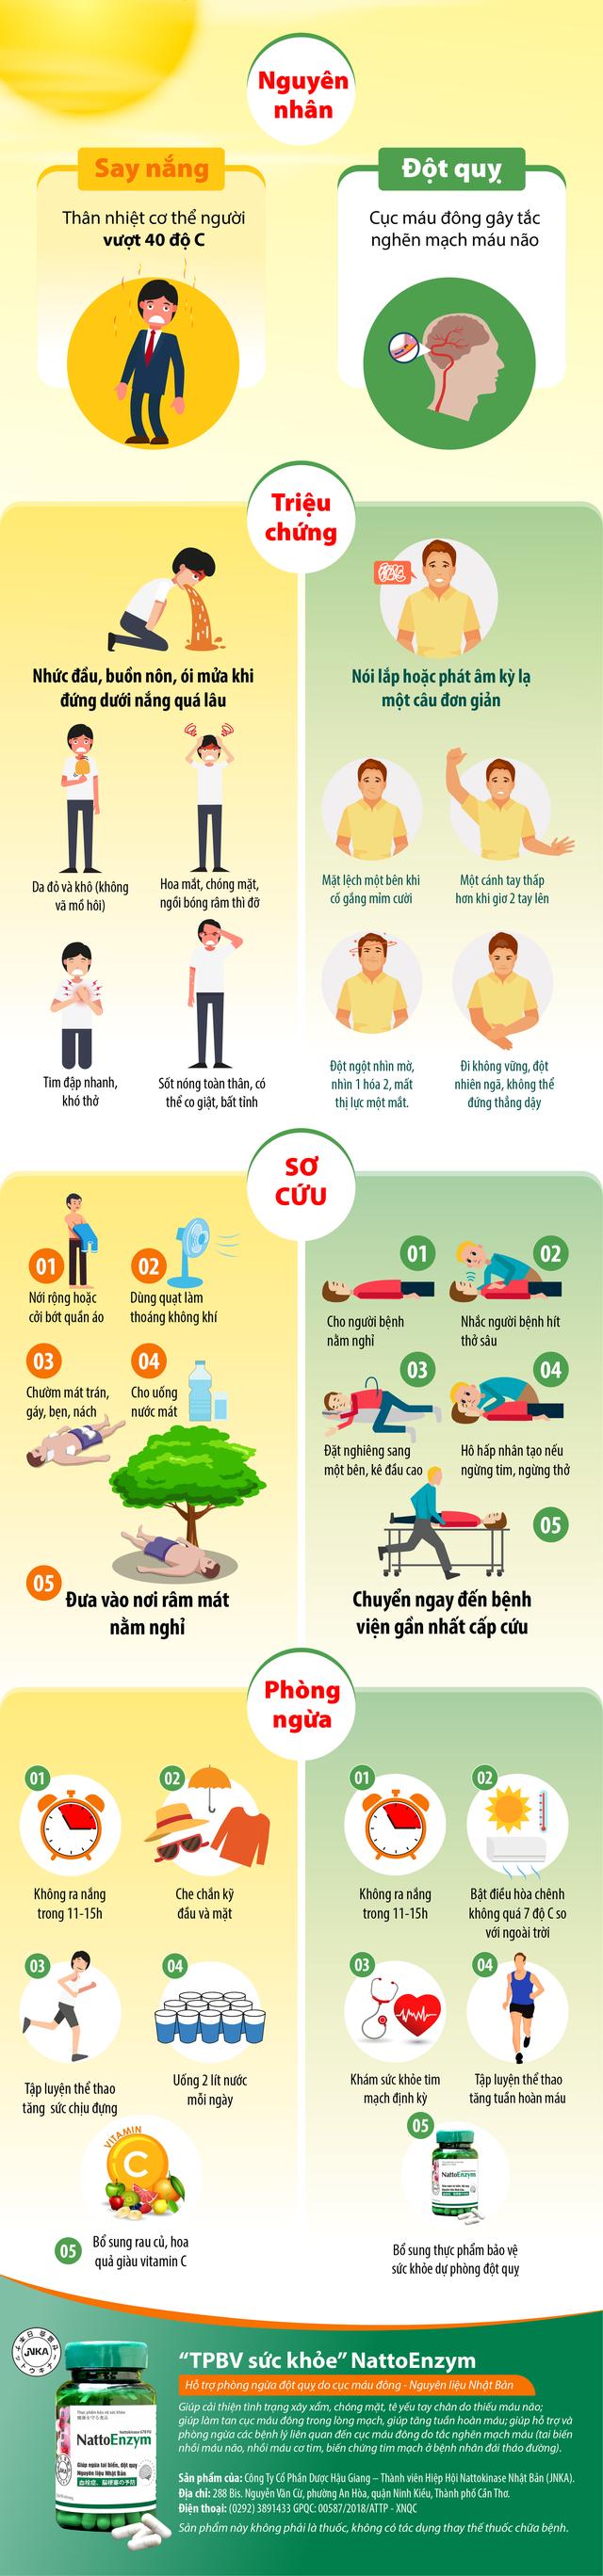 Nhiều người sống đến 40 tuổi vẫn nhầm lẫn say nắng với đột quỵ - Ảnh 1.